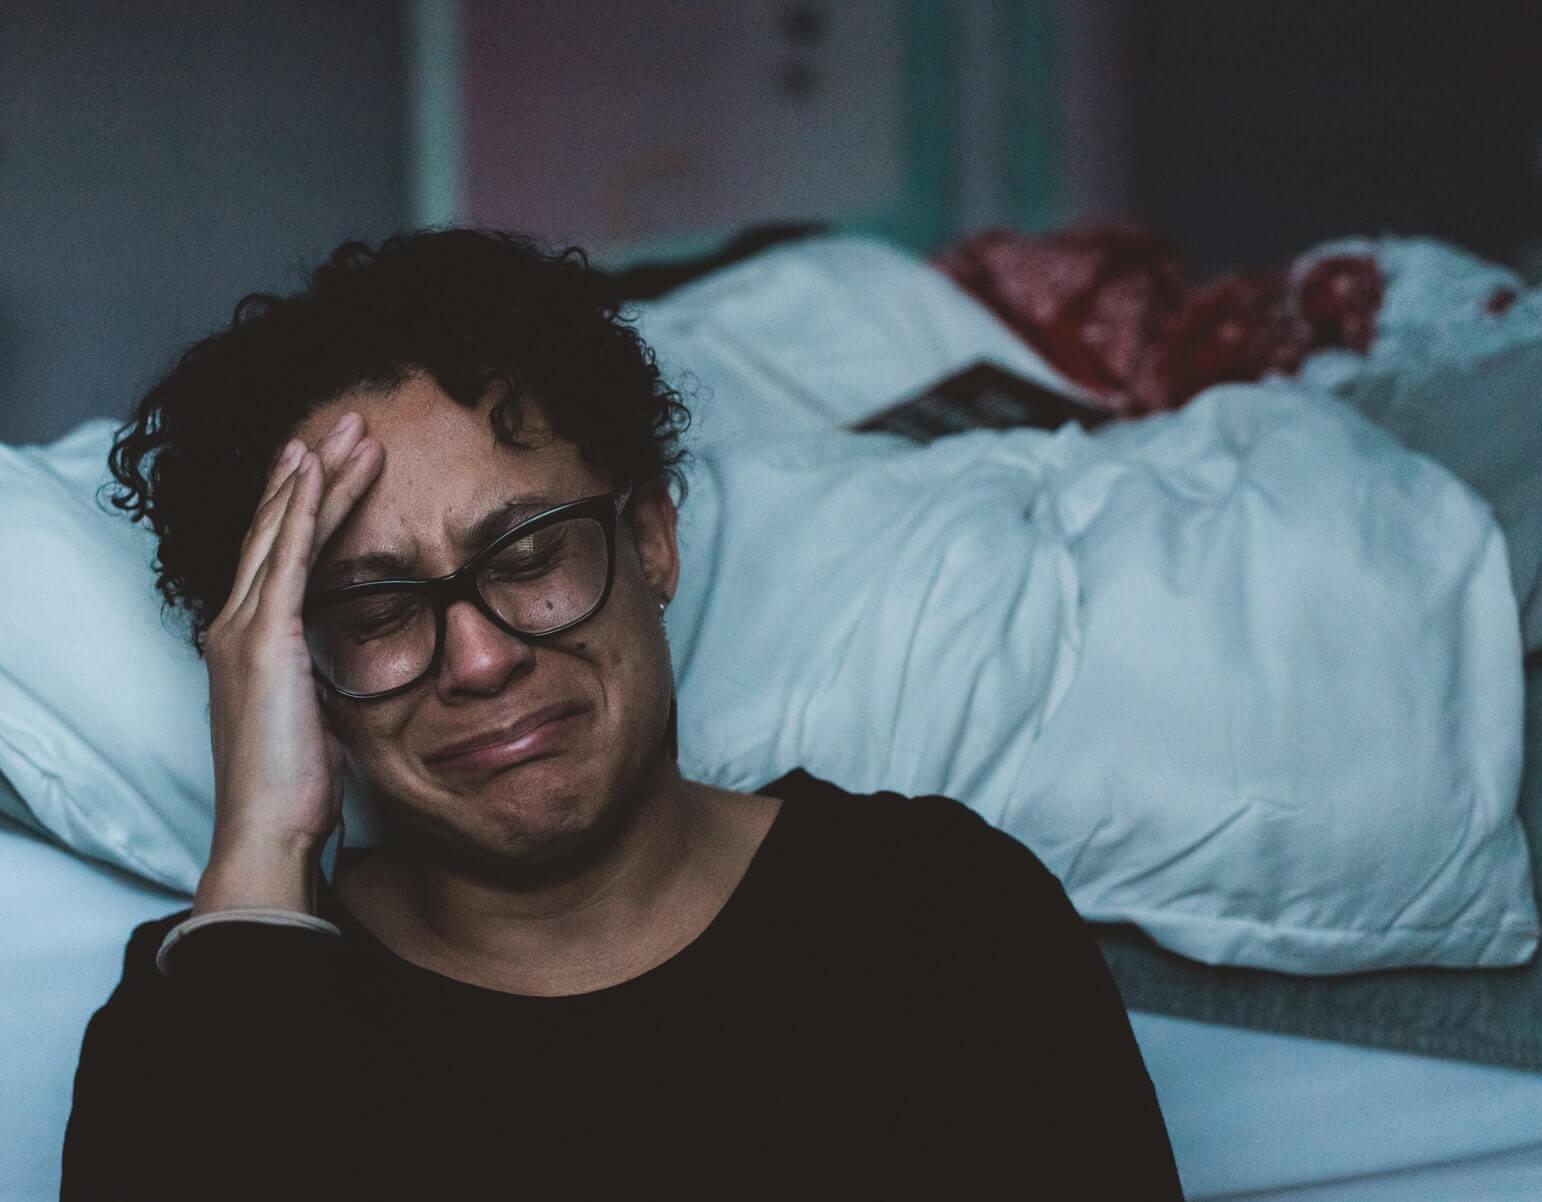 """Bolnica u svađi s obitelji oko brige za stariju pacijenticu: """"Voljela bih da joj prekinu tretman"""""""